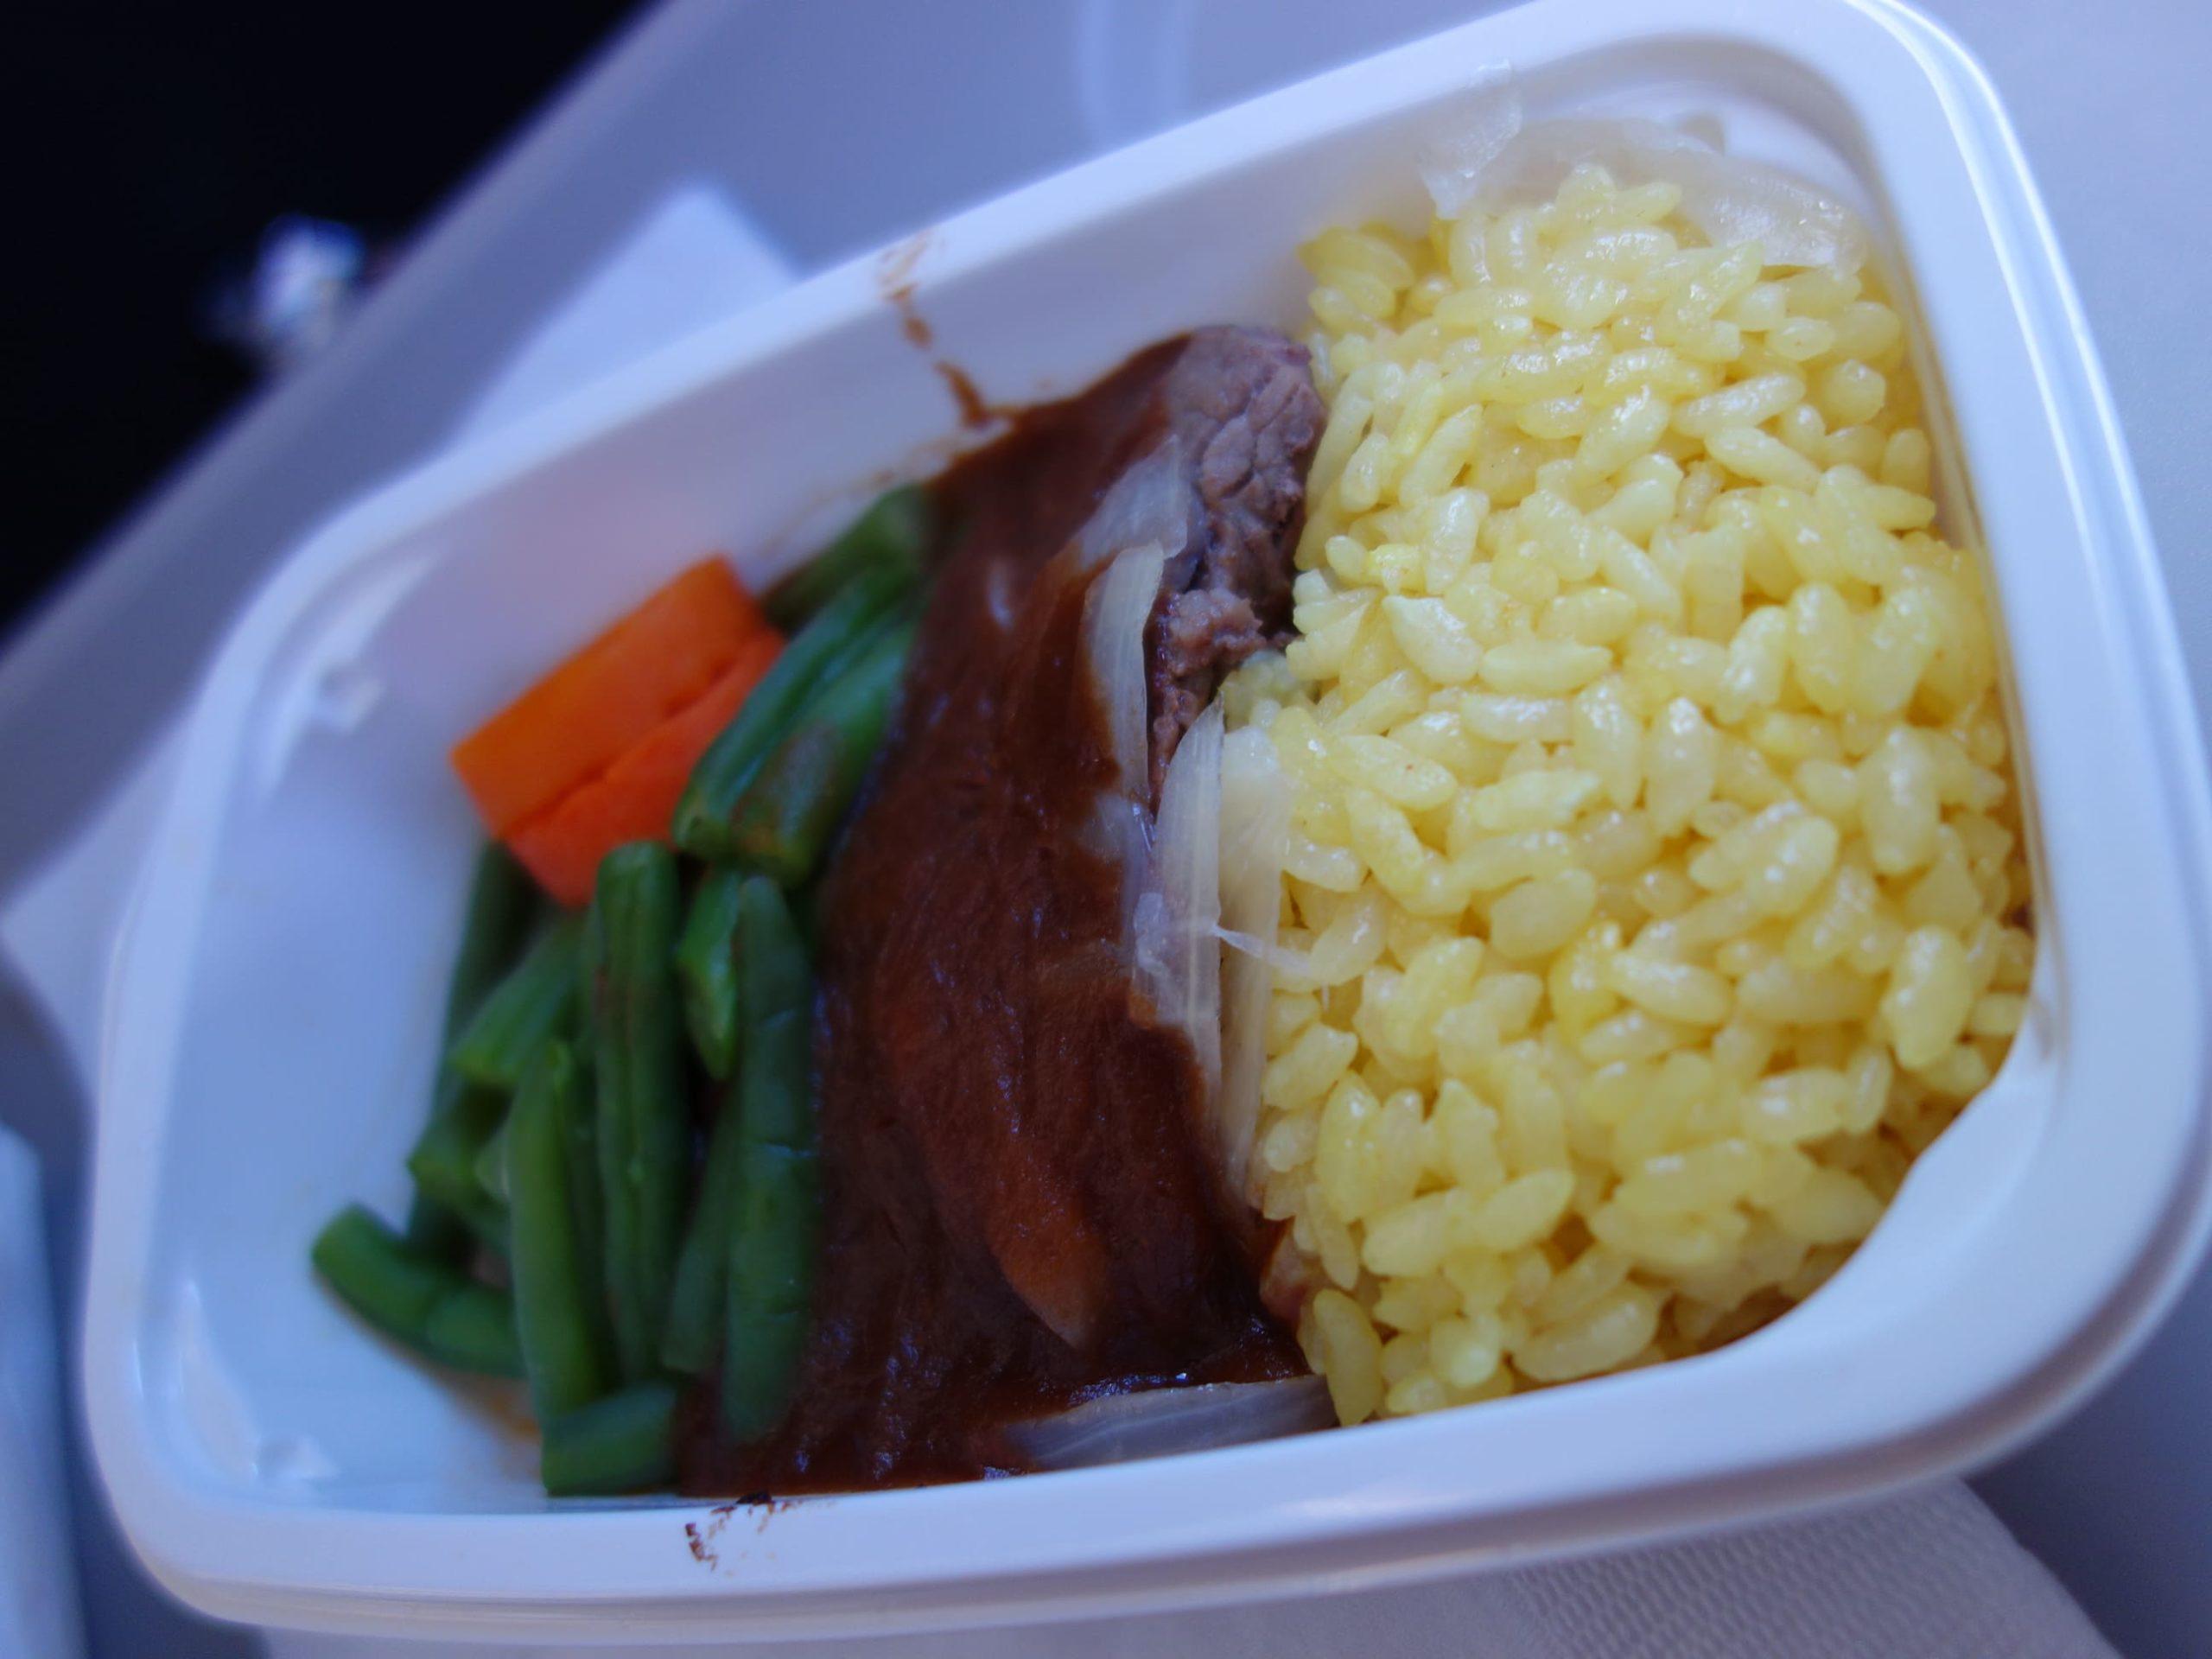 懐かしのバニラエアで那覇まで✈︎機内食が美味しかった